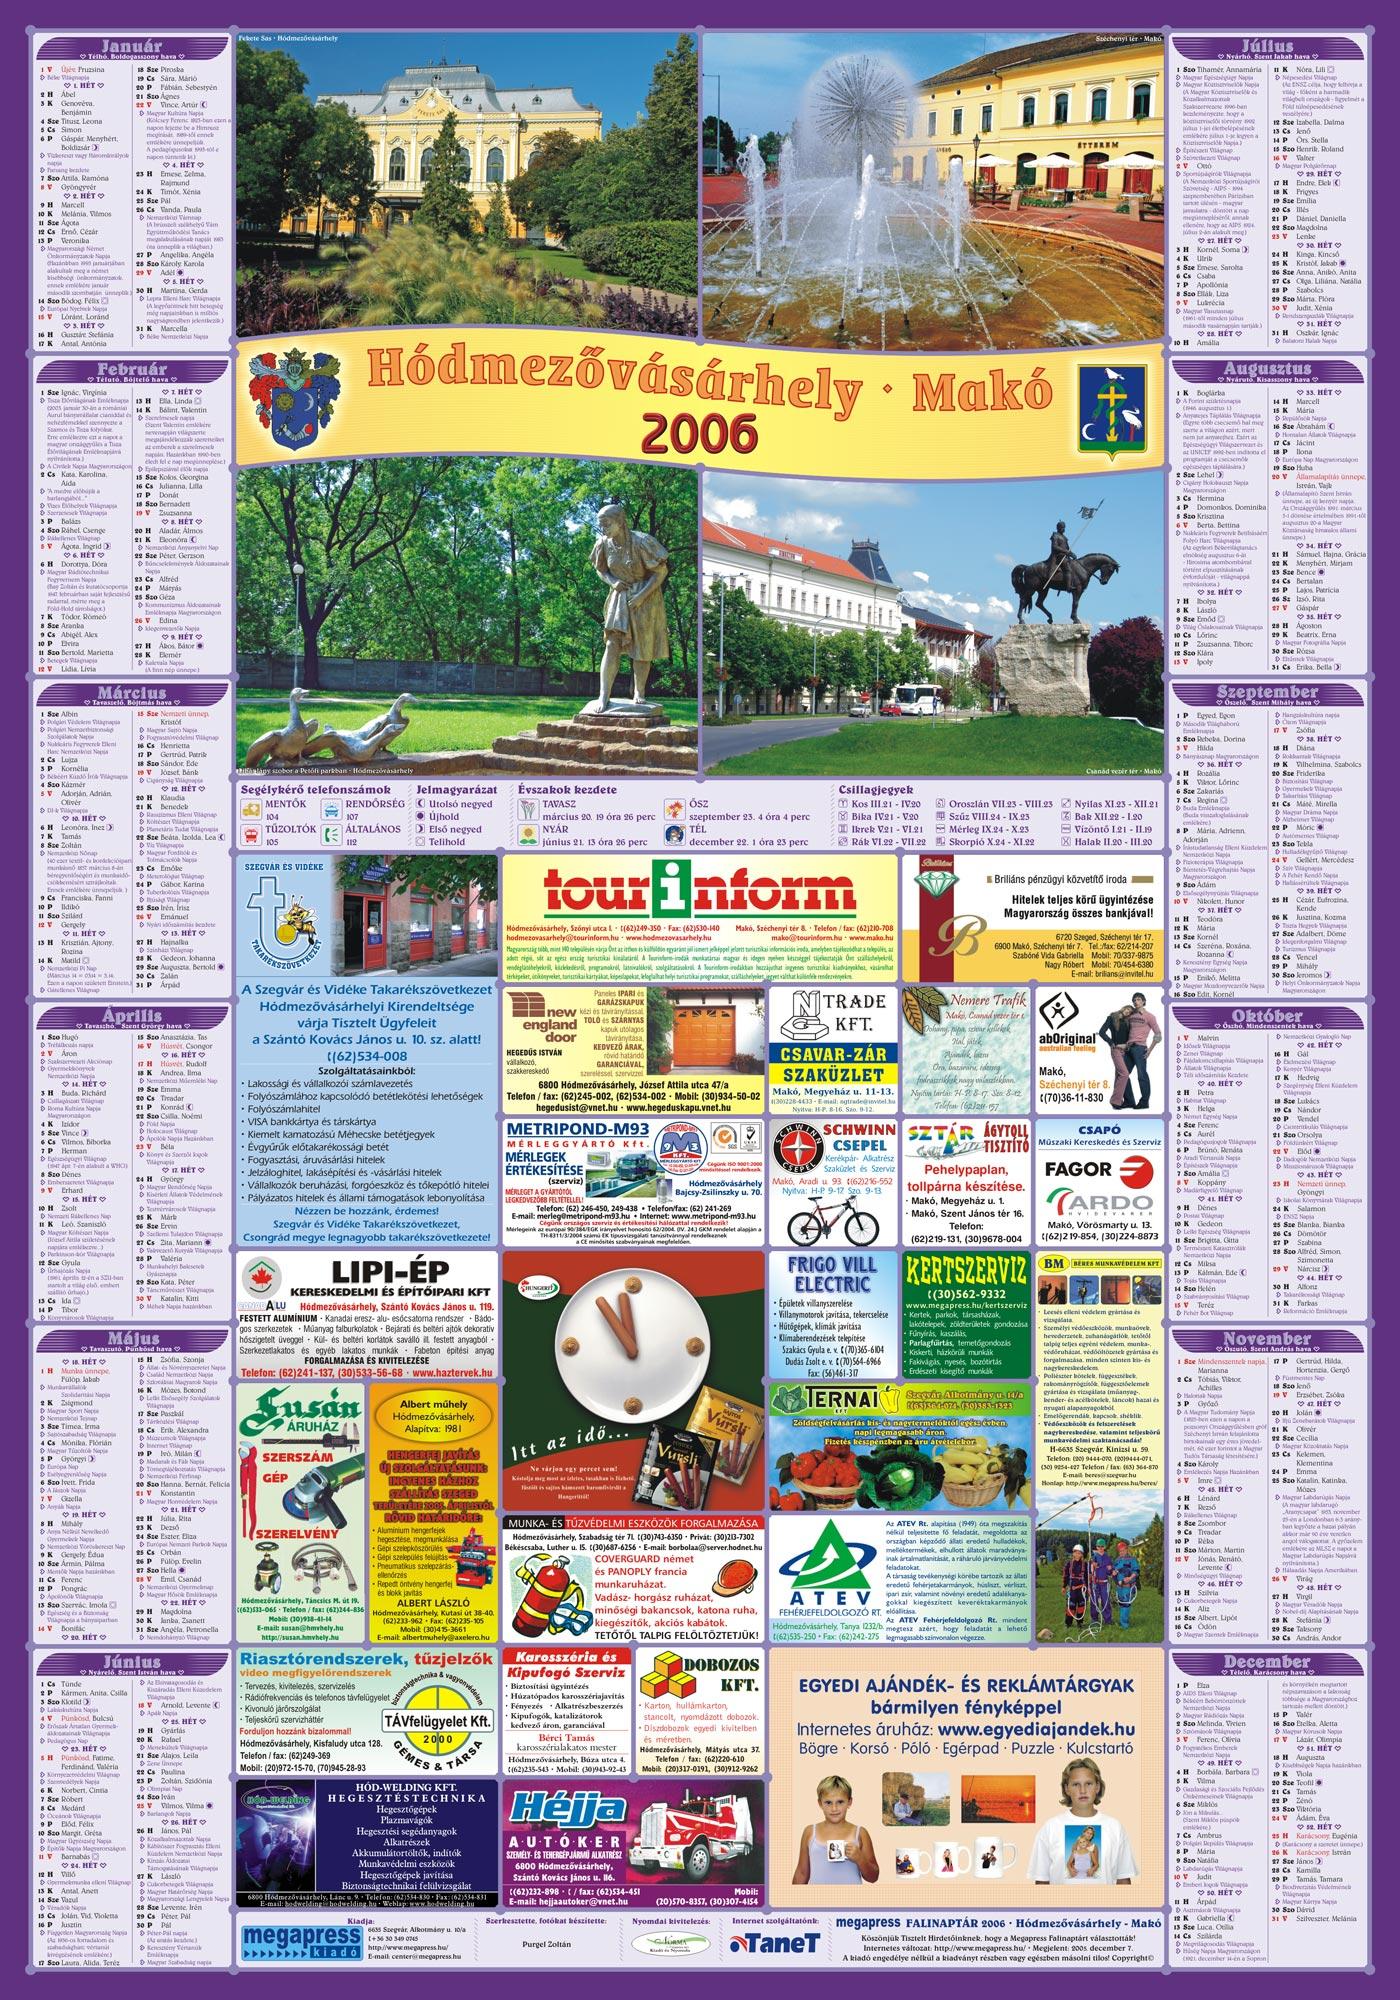 30-HodmezovasarhelyMako2006Falinaptar-2005